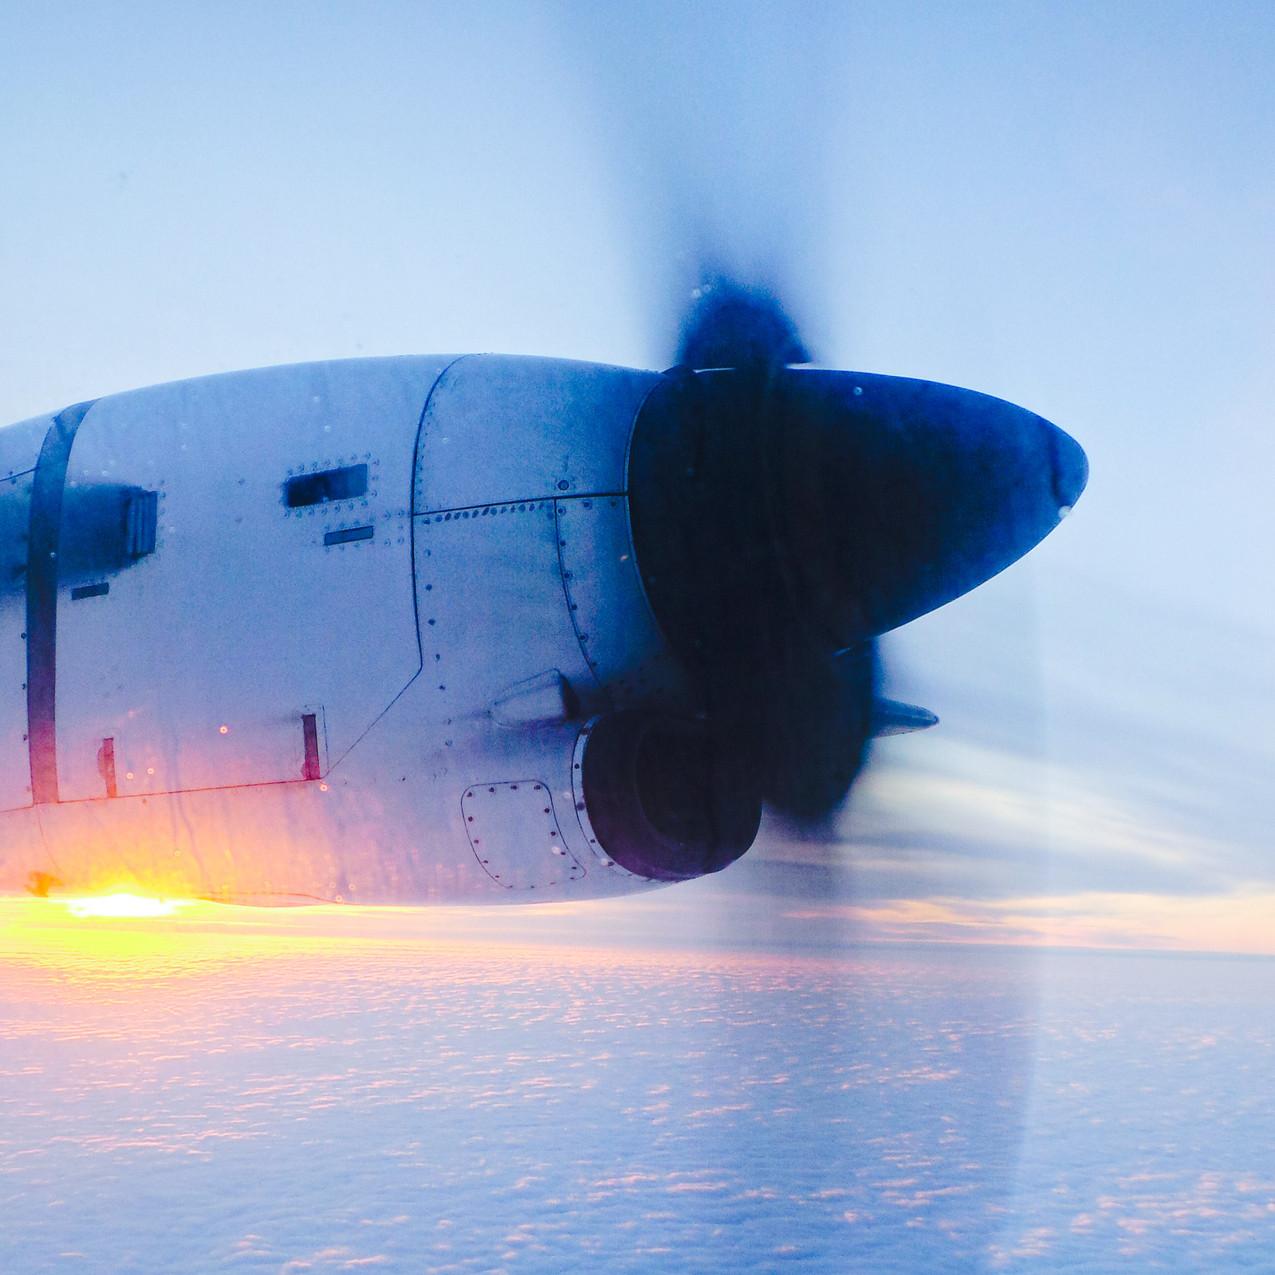 Flying to Kajaani